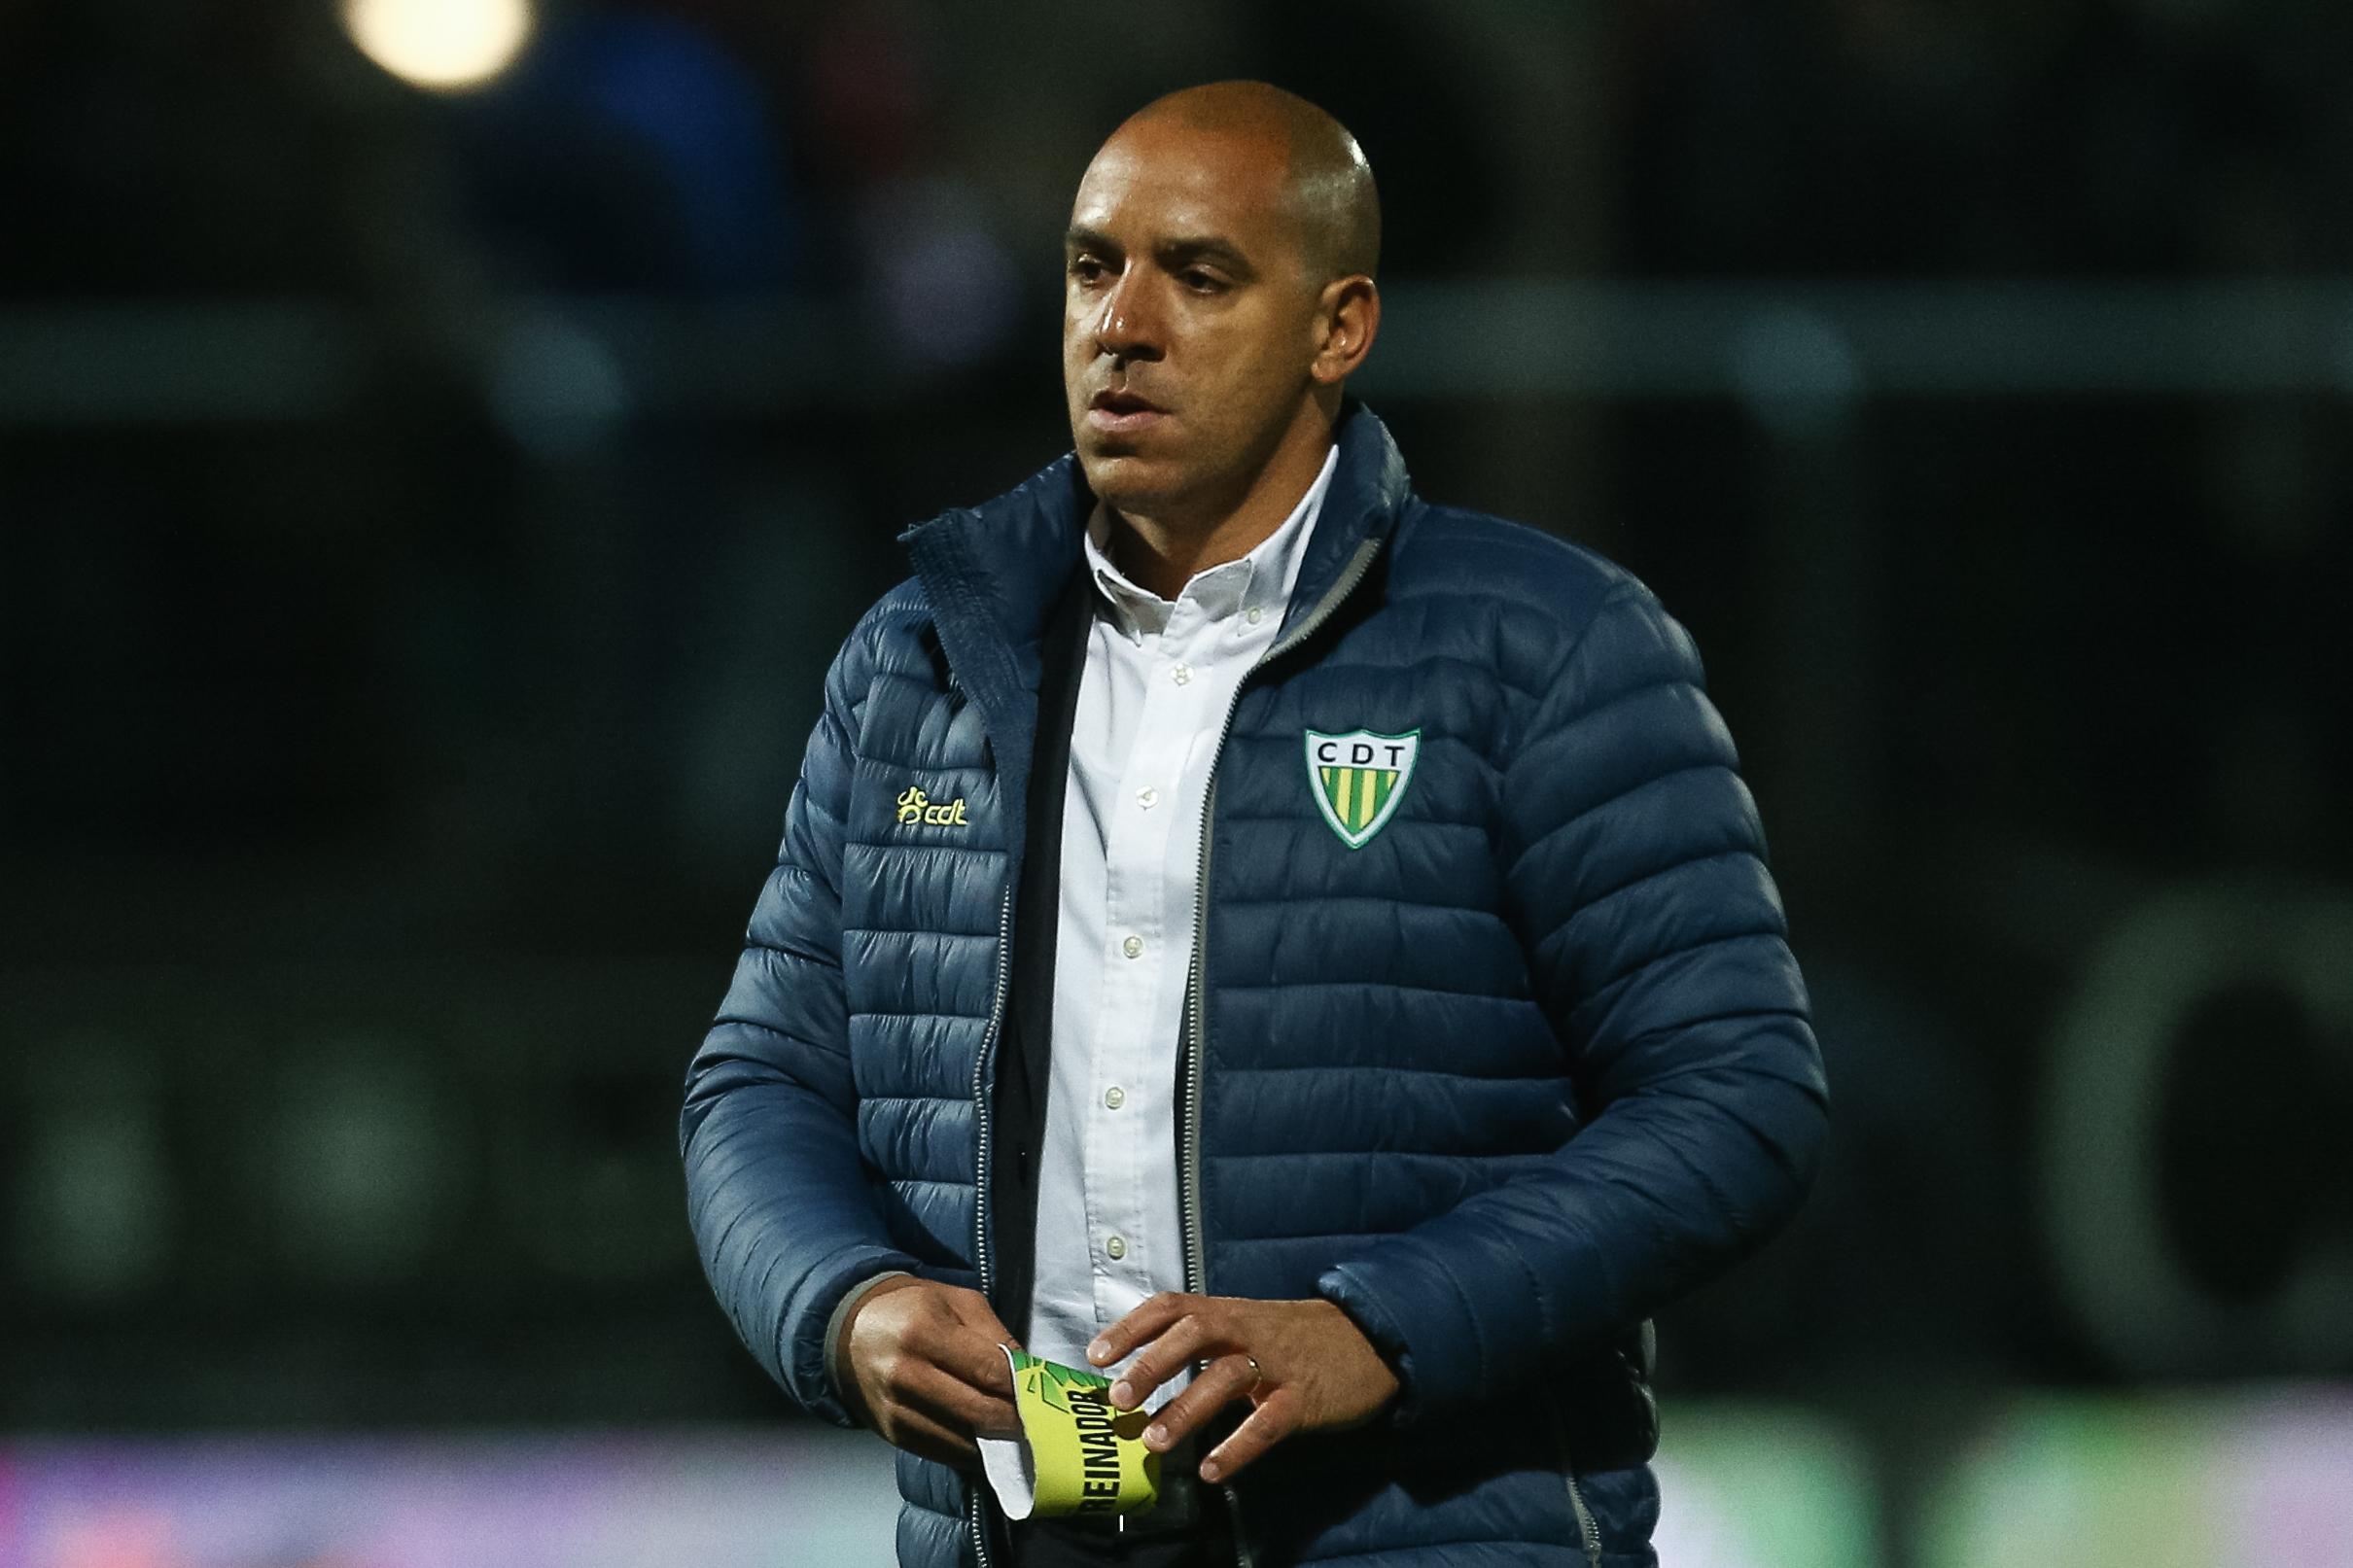 """Tondela não vai ficar à espera dos """"deuses do futebol"""" no jogo com FC Porto - Pepa"""